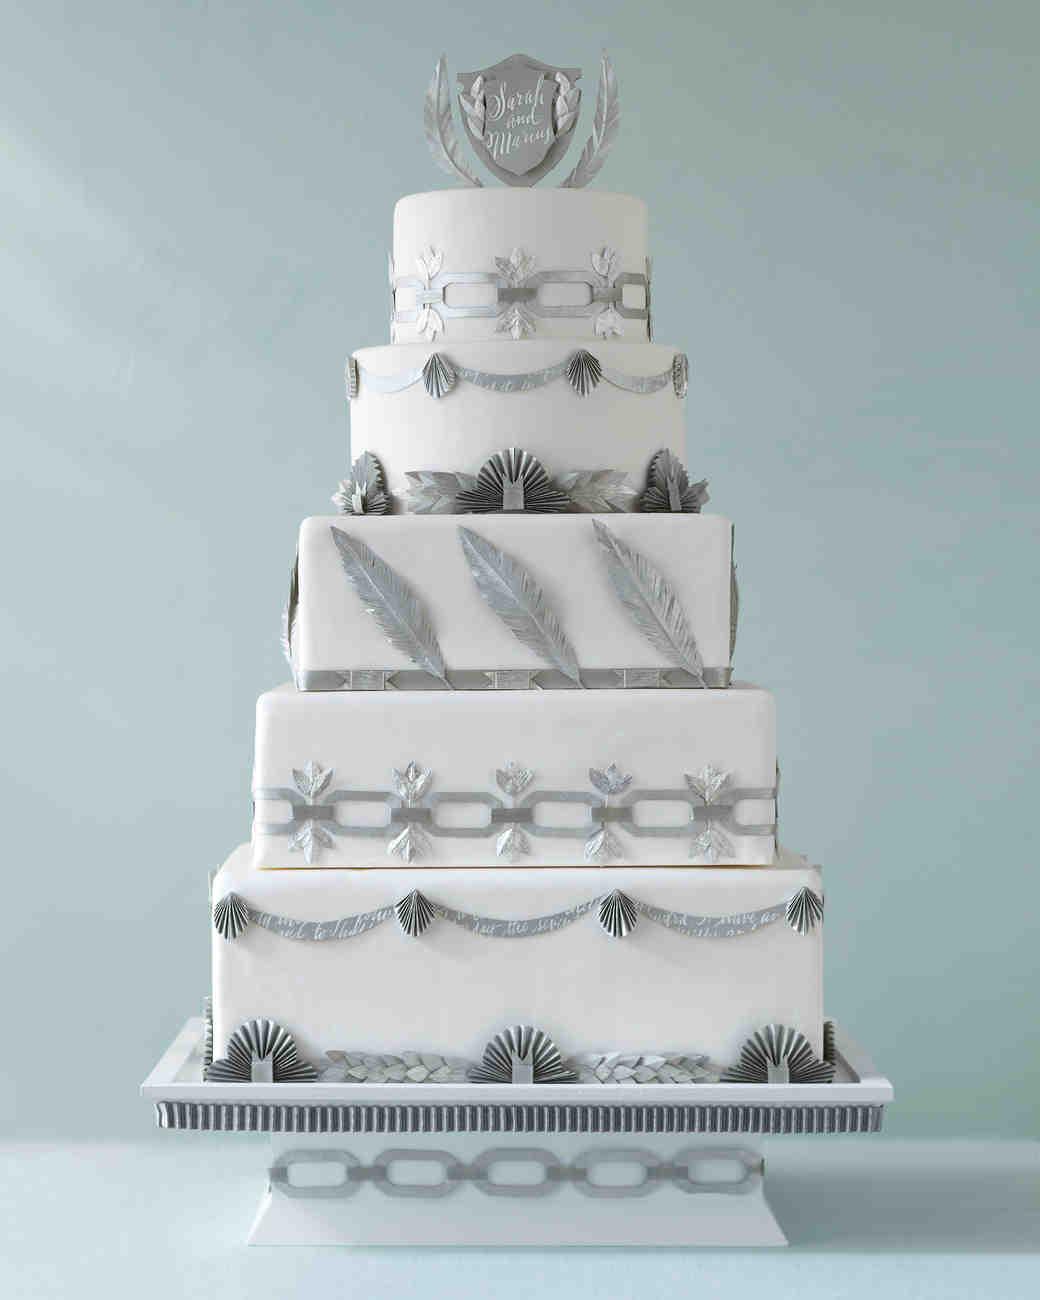 cakes08d-sum11mwd107083.jpg